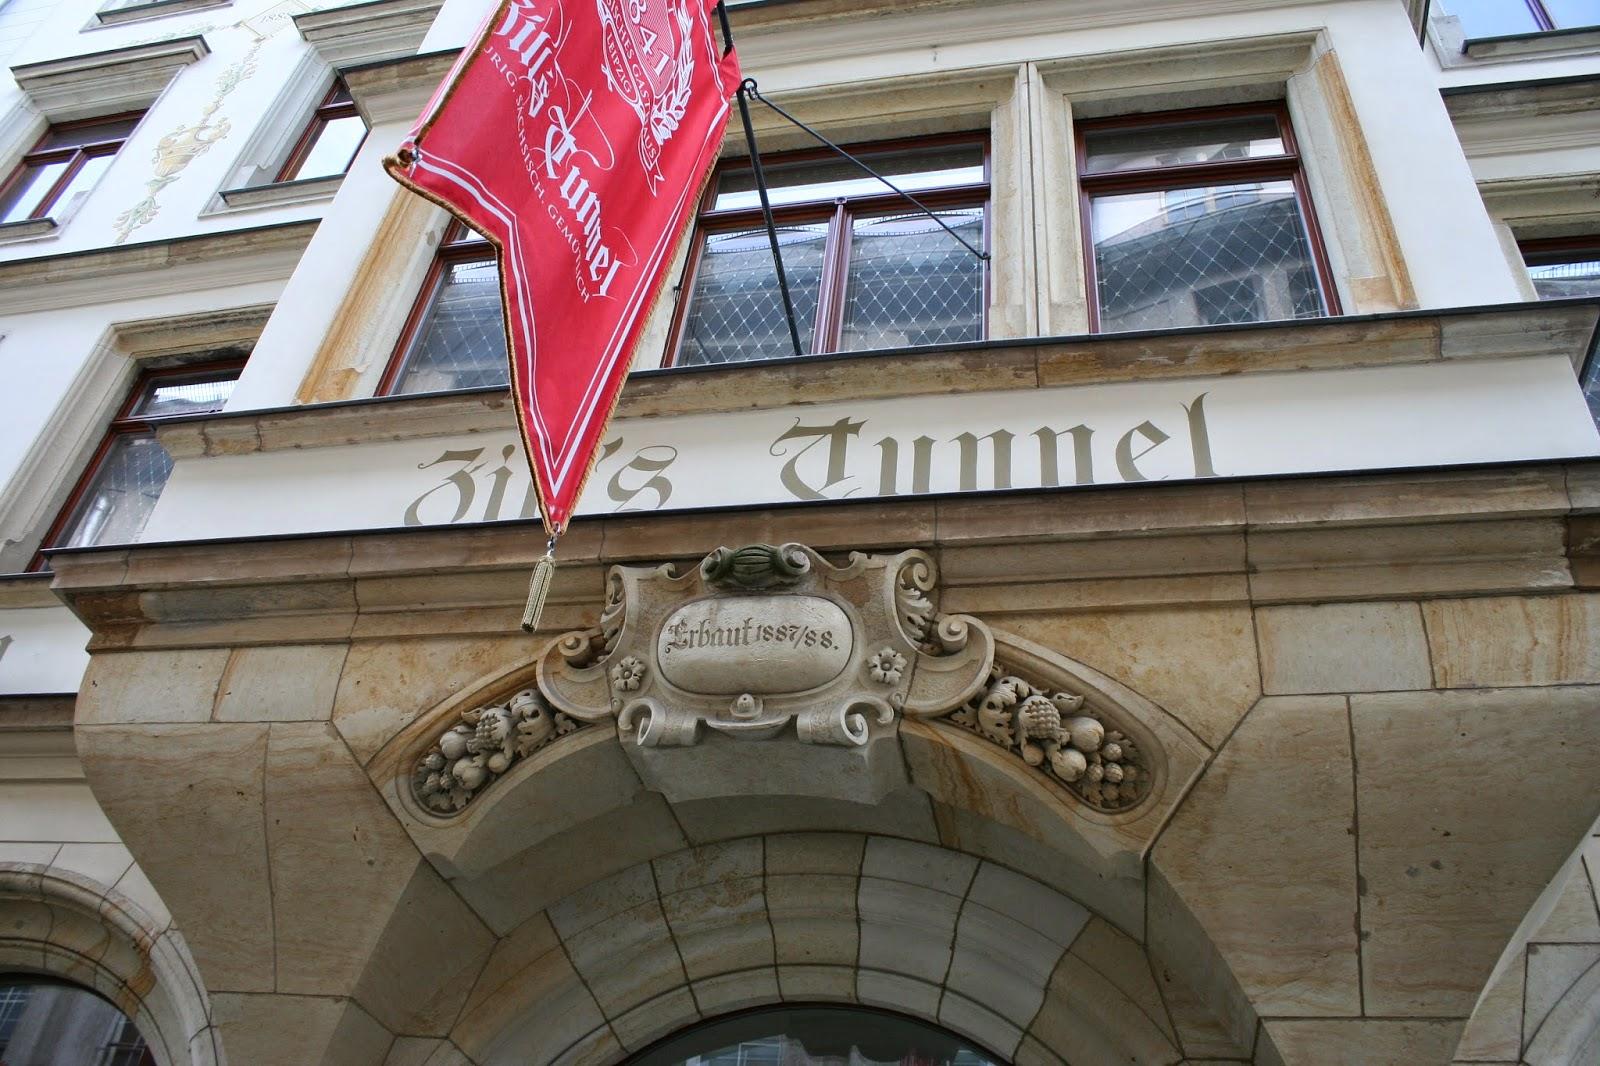 """Die alte Gaststätte """"Zills Tunnel"""" wurde 1887 abgerissen - das aktuelle Haus wurde 1887/1888 erbaut, am 11.08.1888 eröffnet und weiter unter diesem Namen geführt - in den Jahren 1999/2000 wurde es restauriert - auch noch heute lädt das gleichnamige Restaurant """"Zills Tunnel"""" zu urigen sächsischen Speisen und Getränken ein"""